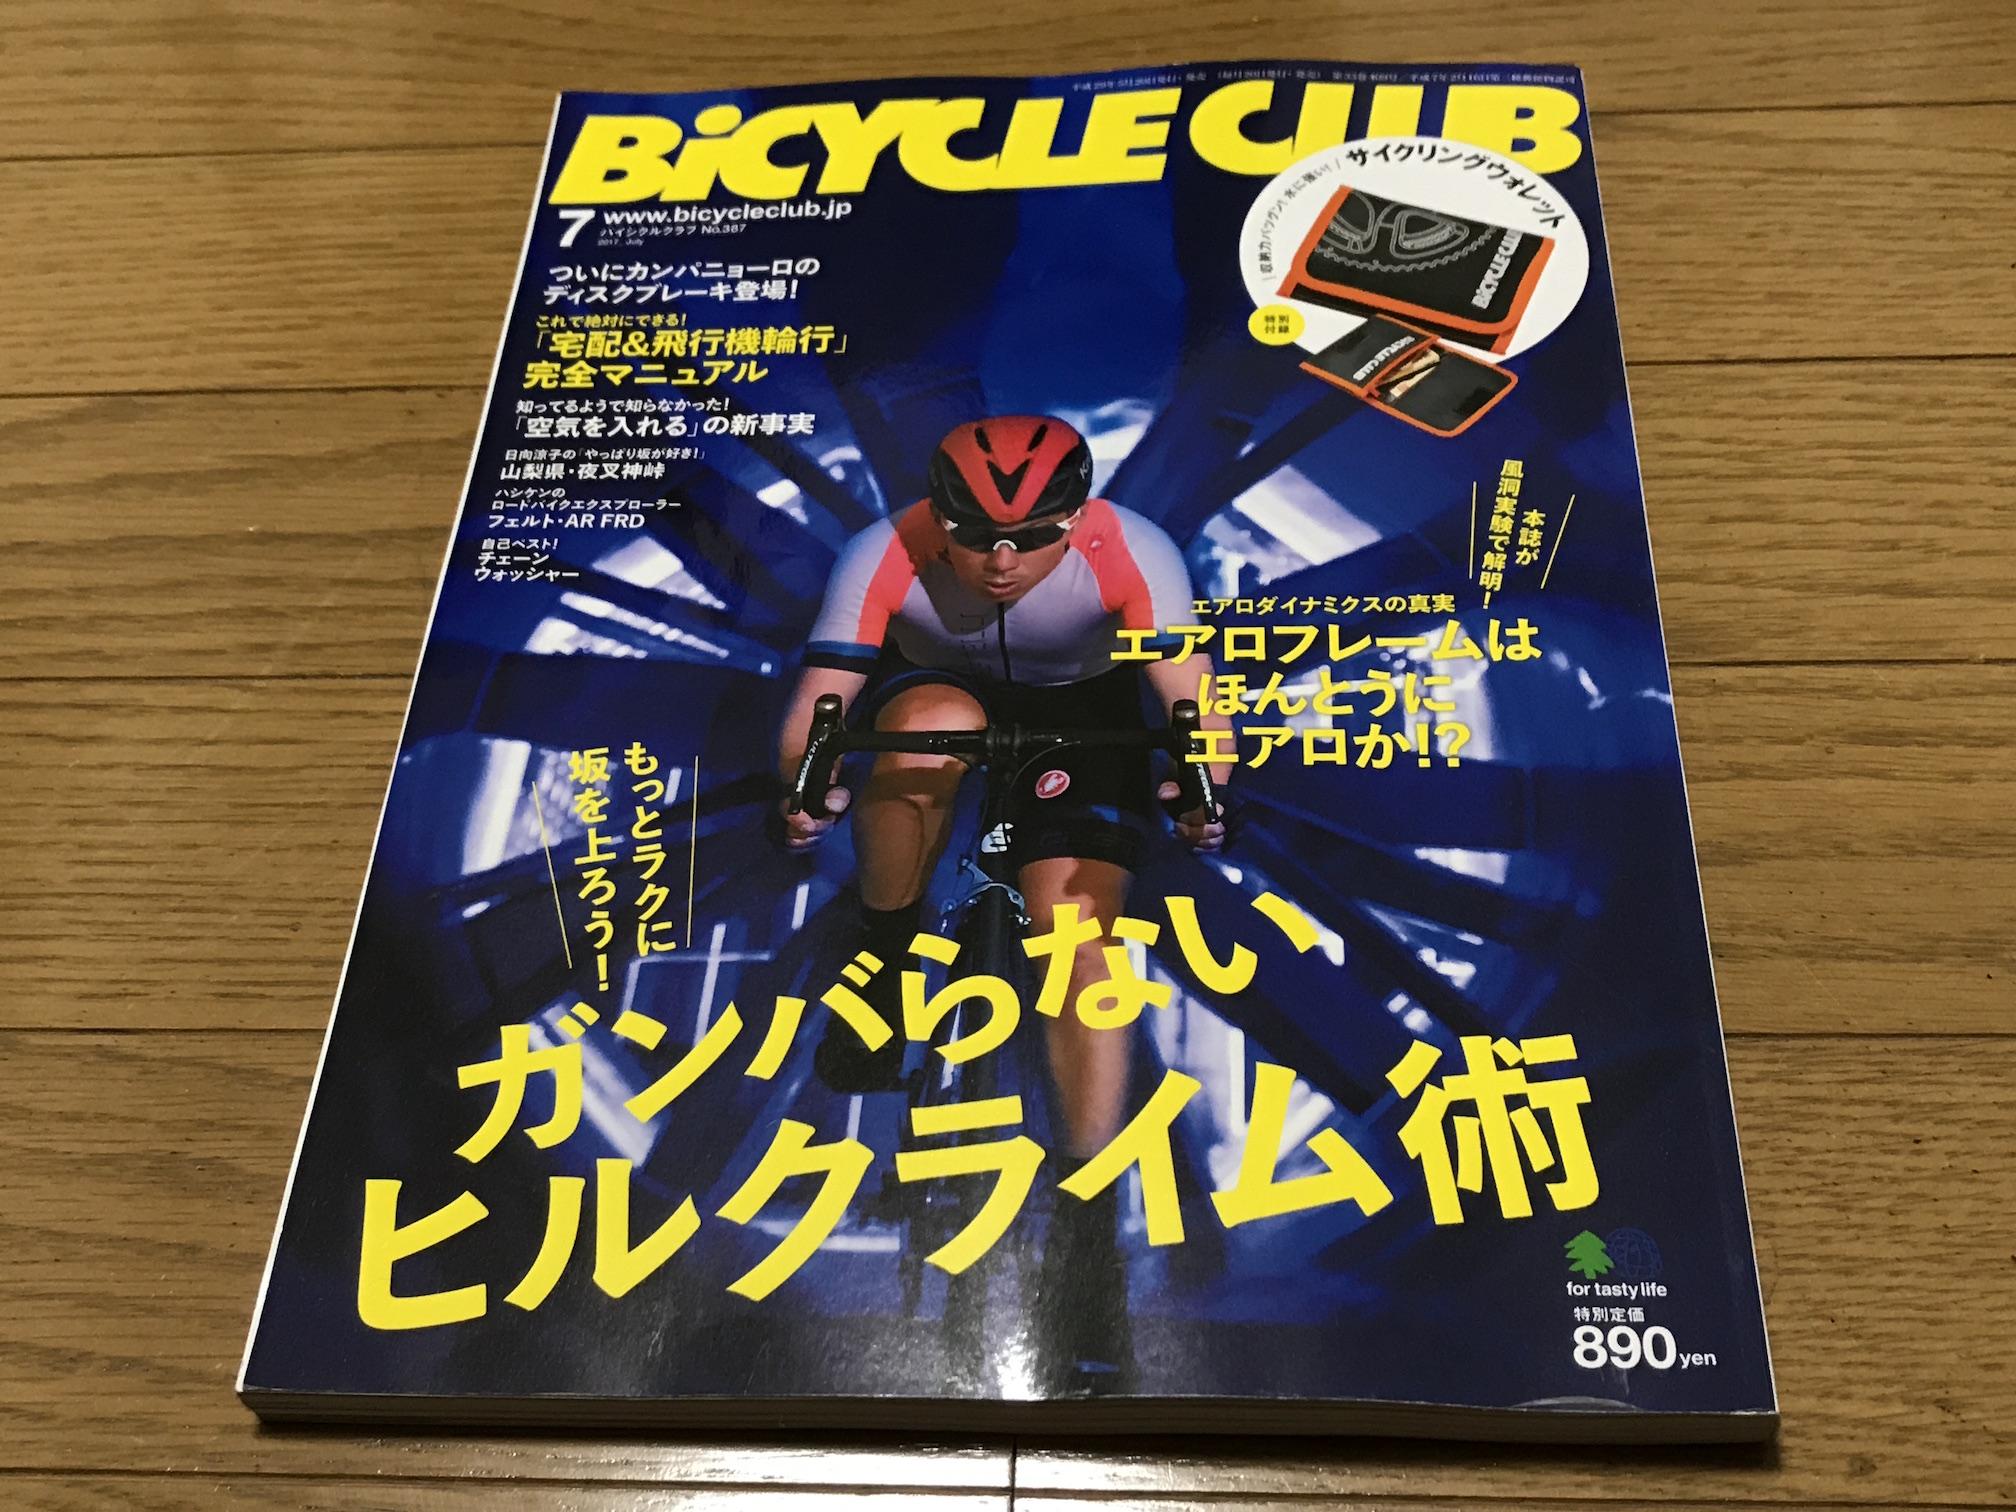 ためになる!BiCYCLE CLUB 2017 7月号 特集「ガンバらないヒルクライム術」